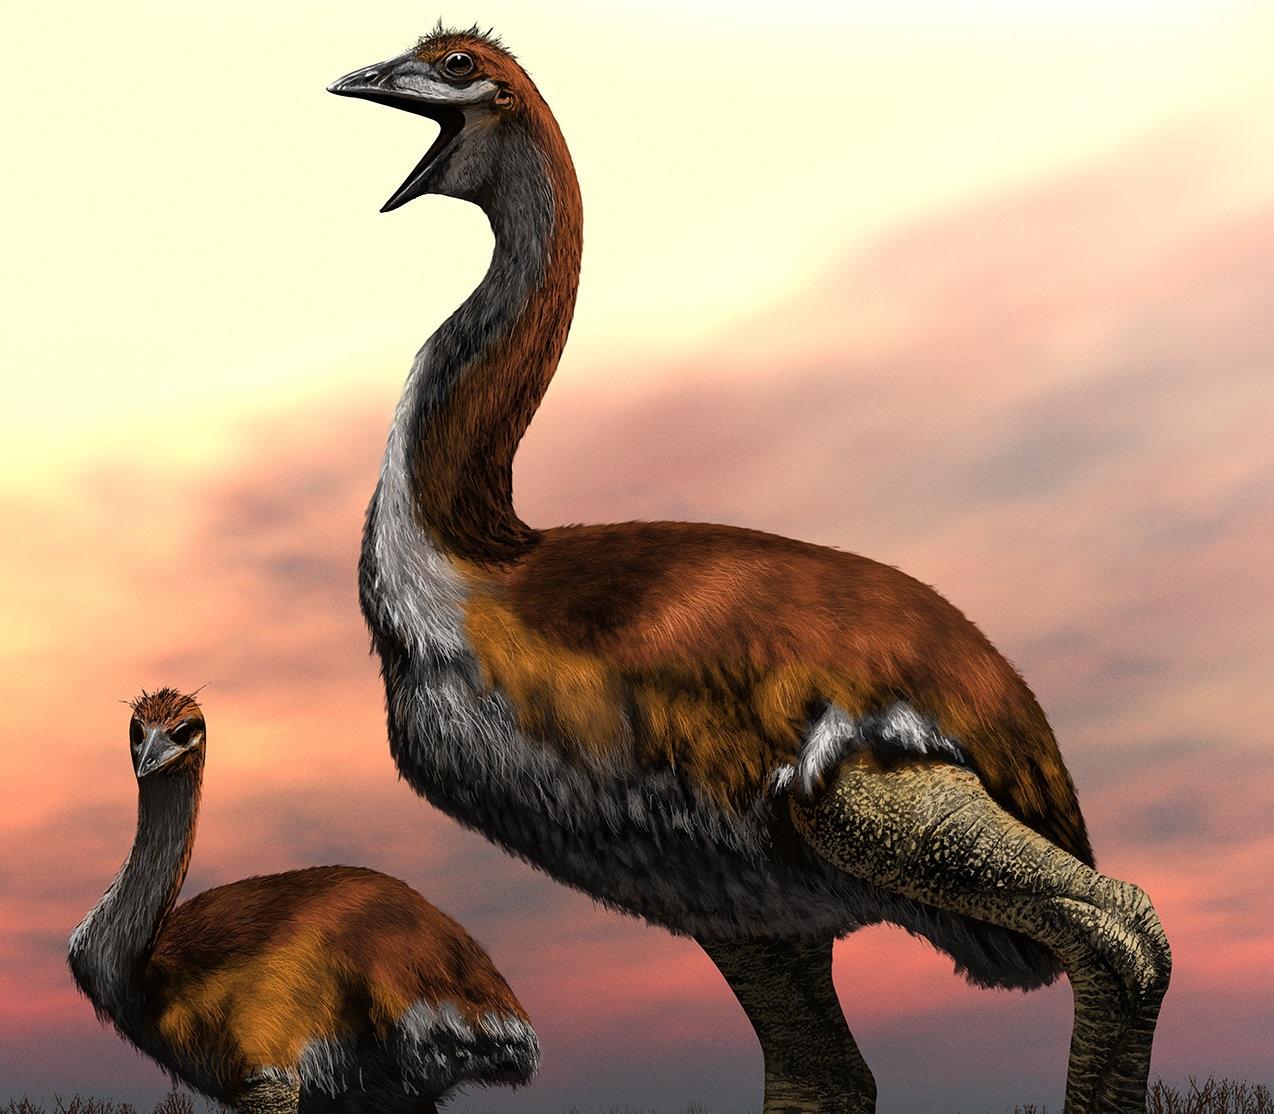 ზოოლოგებმა ყველა დროის უდიდესი ფრინველი დაასახელეს